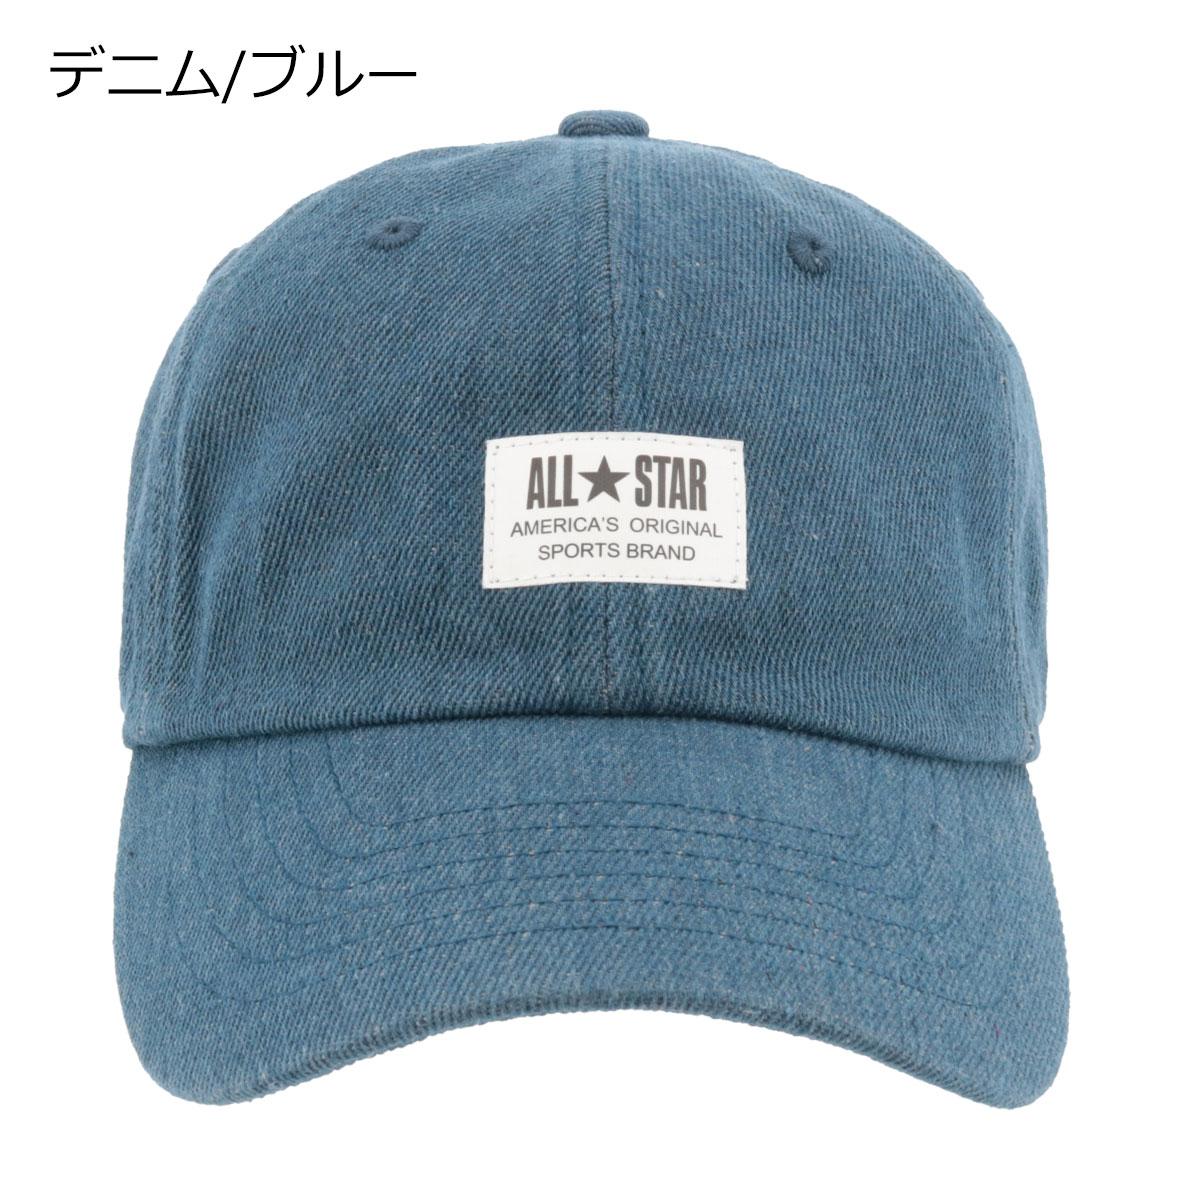 デニム/ブルー